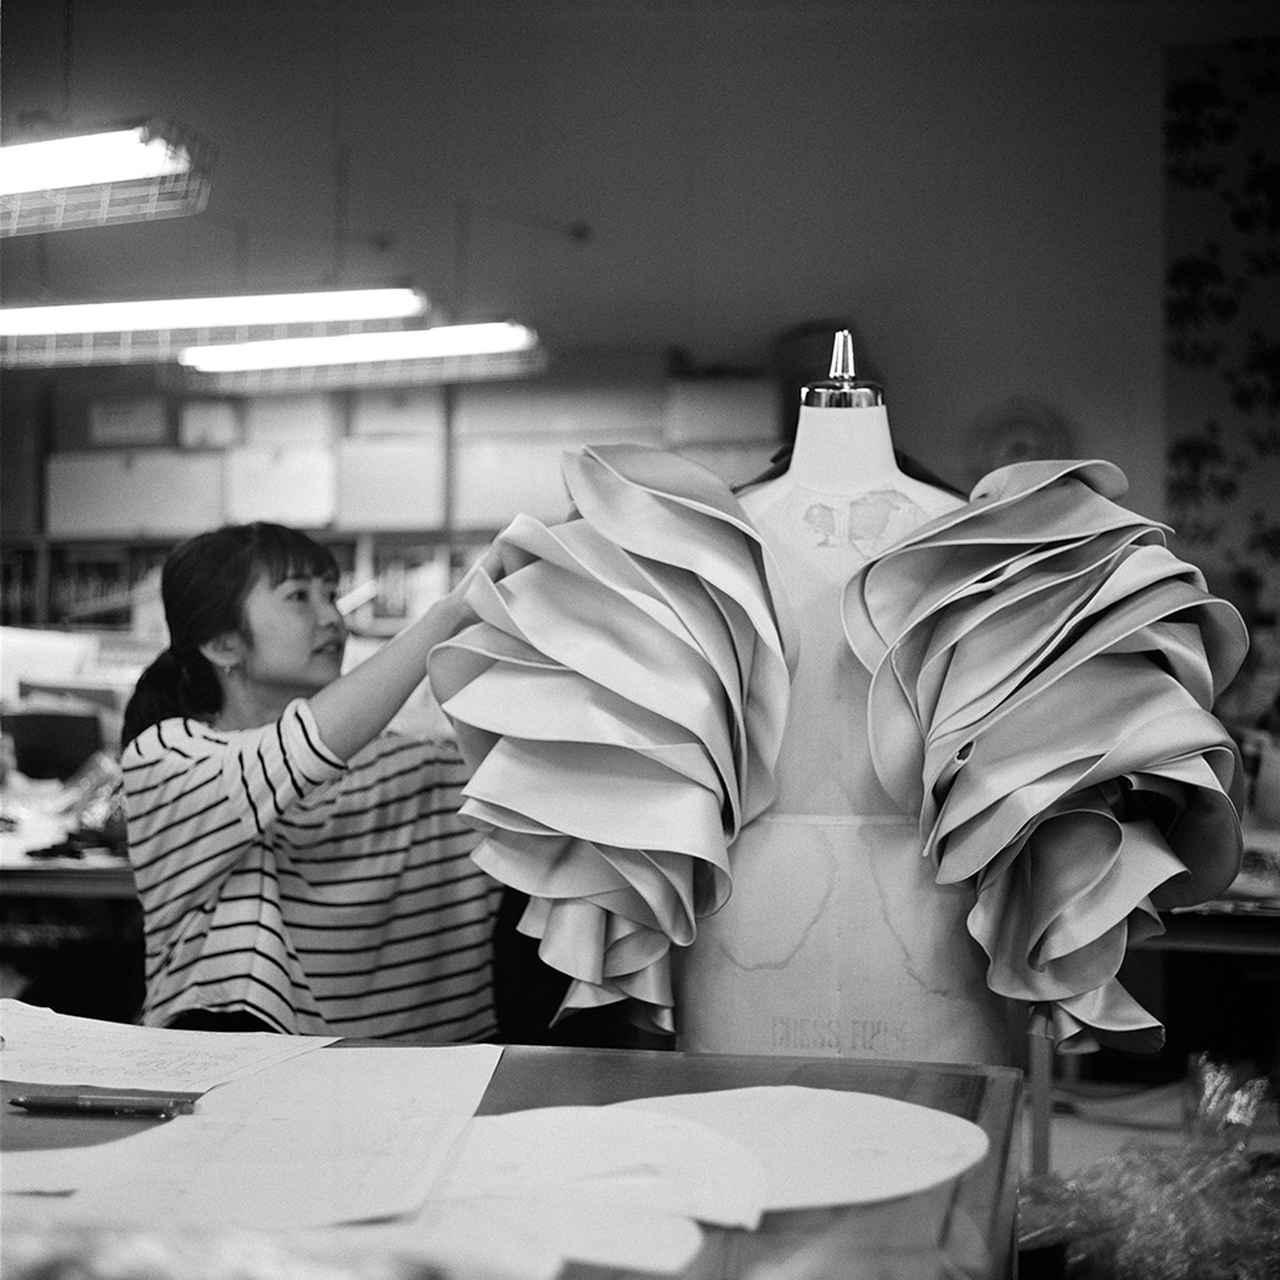 Images : 6番目の画像 - 「アンダーカバーのスタジオで 高橋 盾の内なる世界をのぞく」のアルバム - T JAPAN:The New York Times Style Magazine 公式サイト